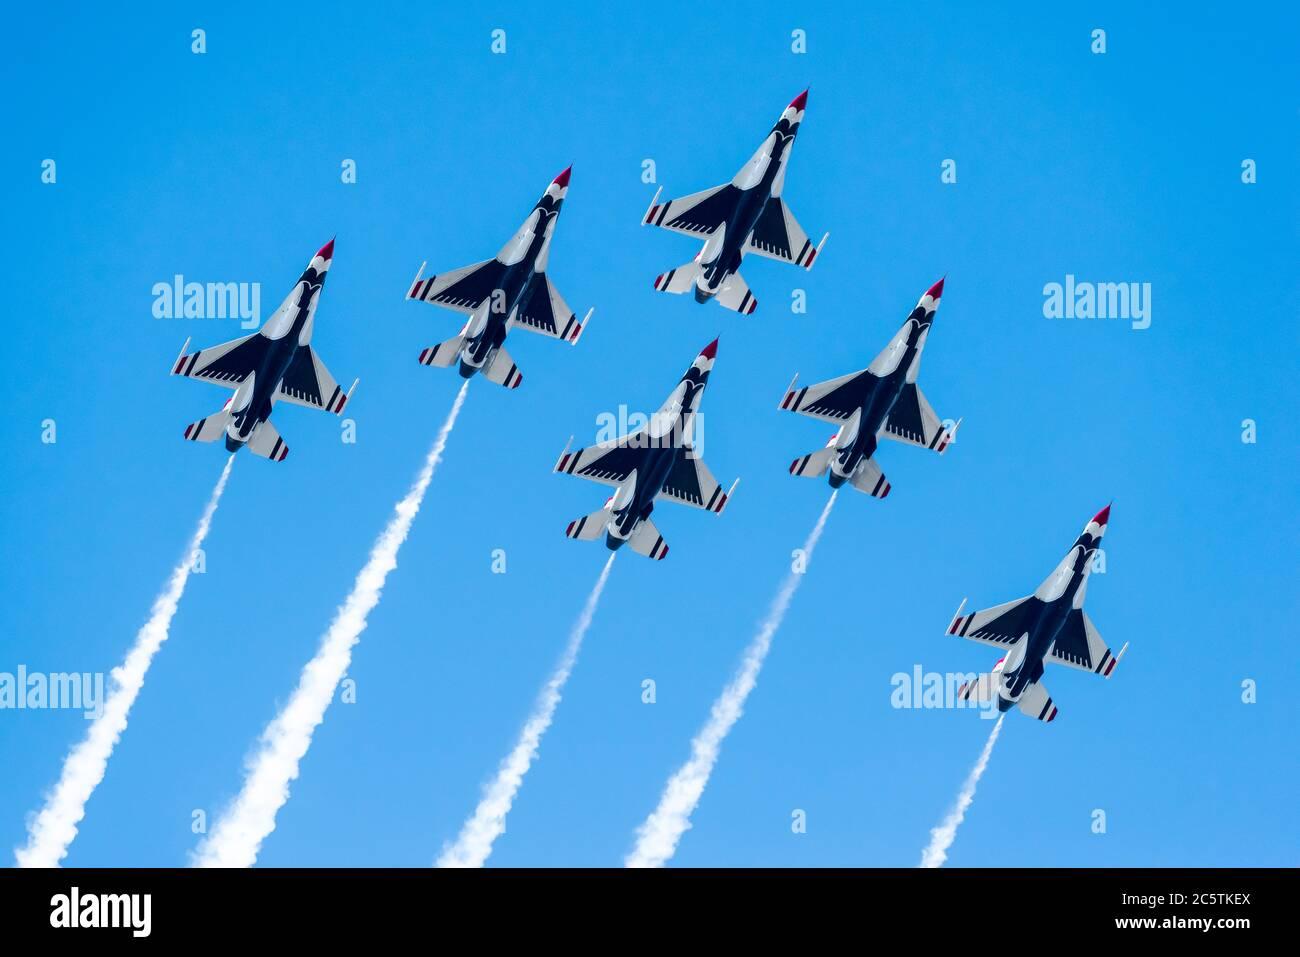 Boston, Massachusetts. 4 juillet 2020. USAF Thunderbirds volant à la DSD Salute à l'Amérique 2020 survol. Banque D'Images